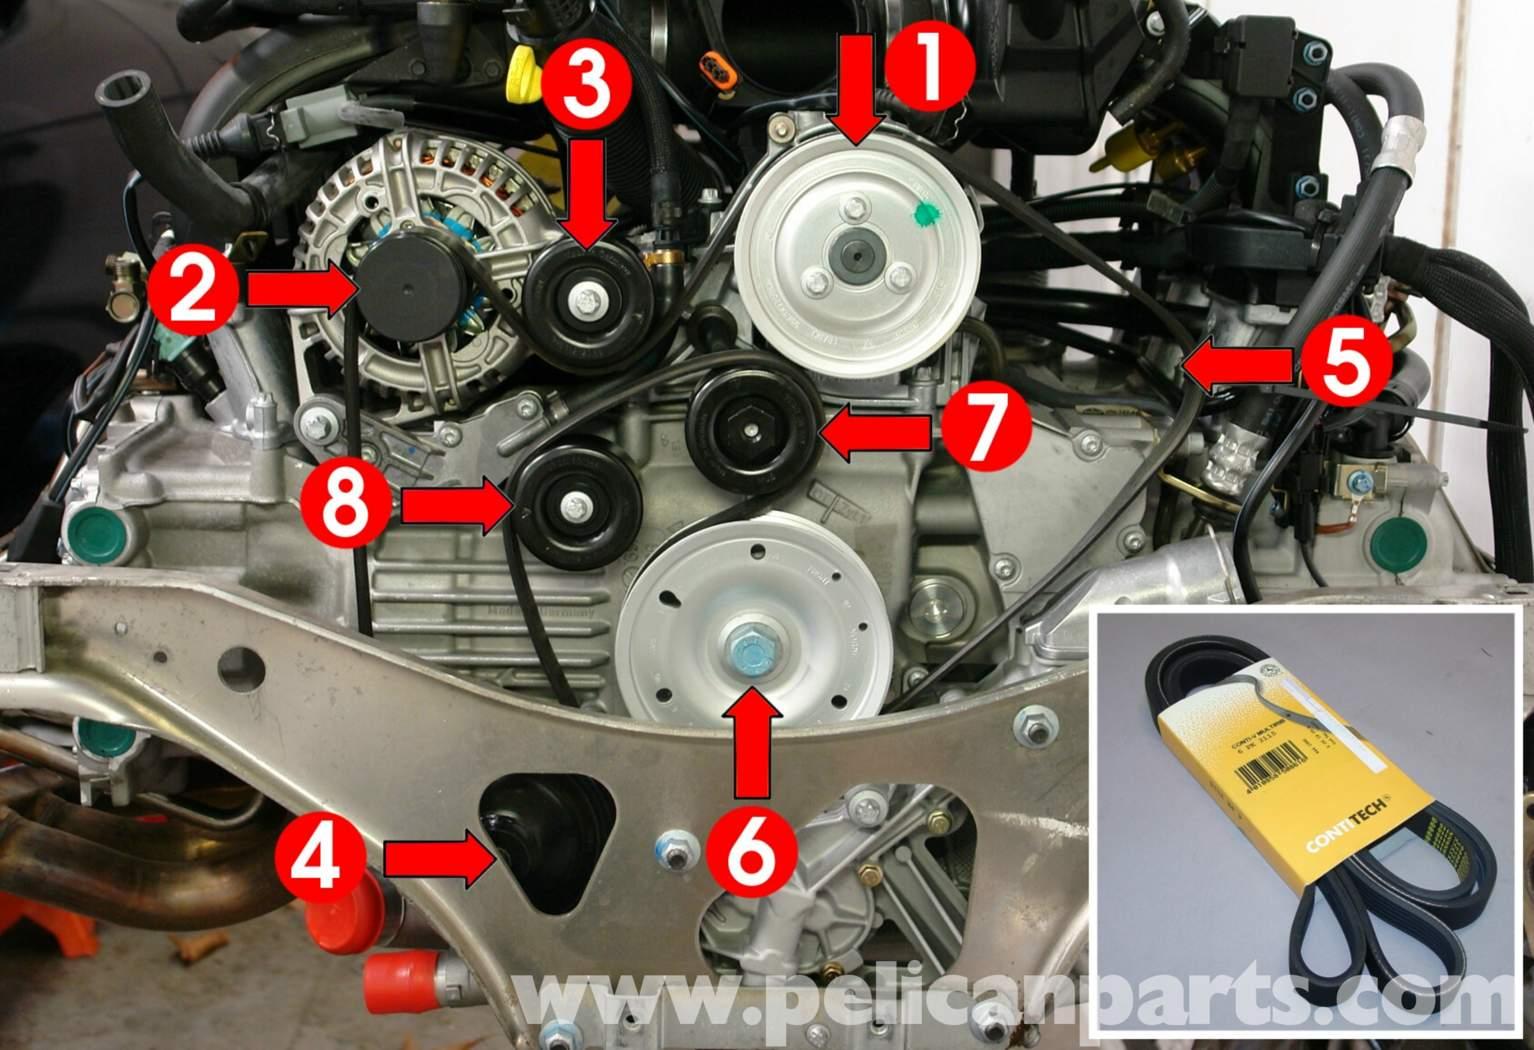 An annoying squeak when engine cold! - Page 1 - Porsche